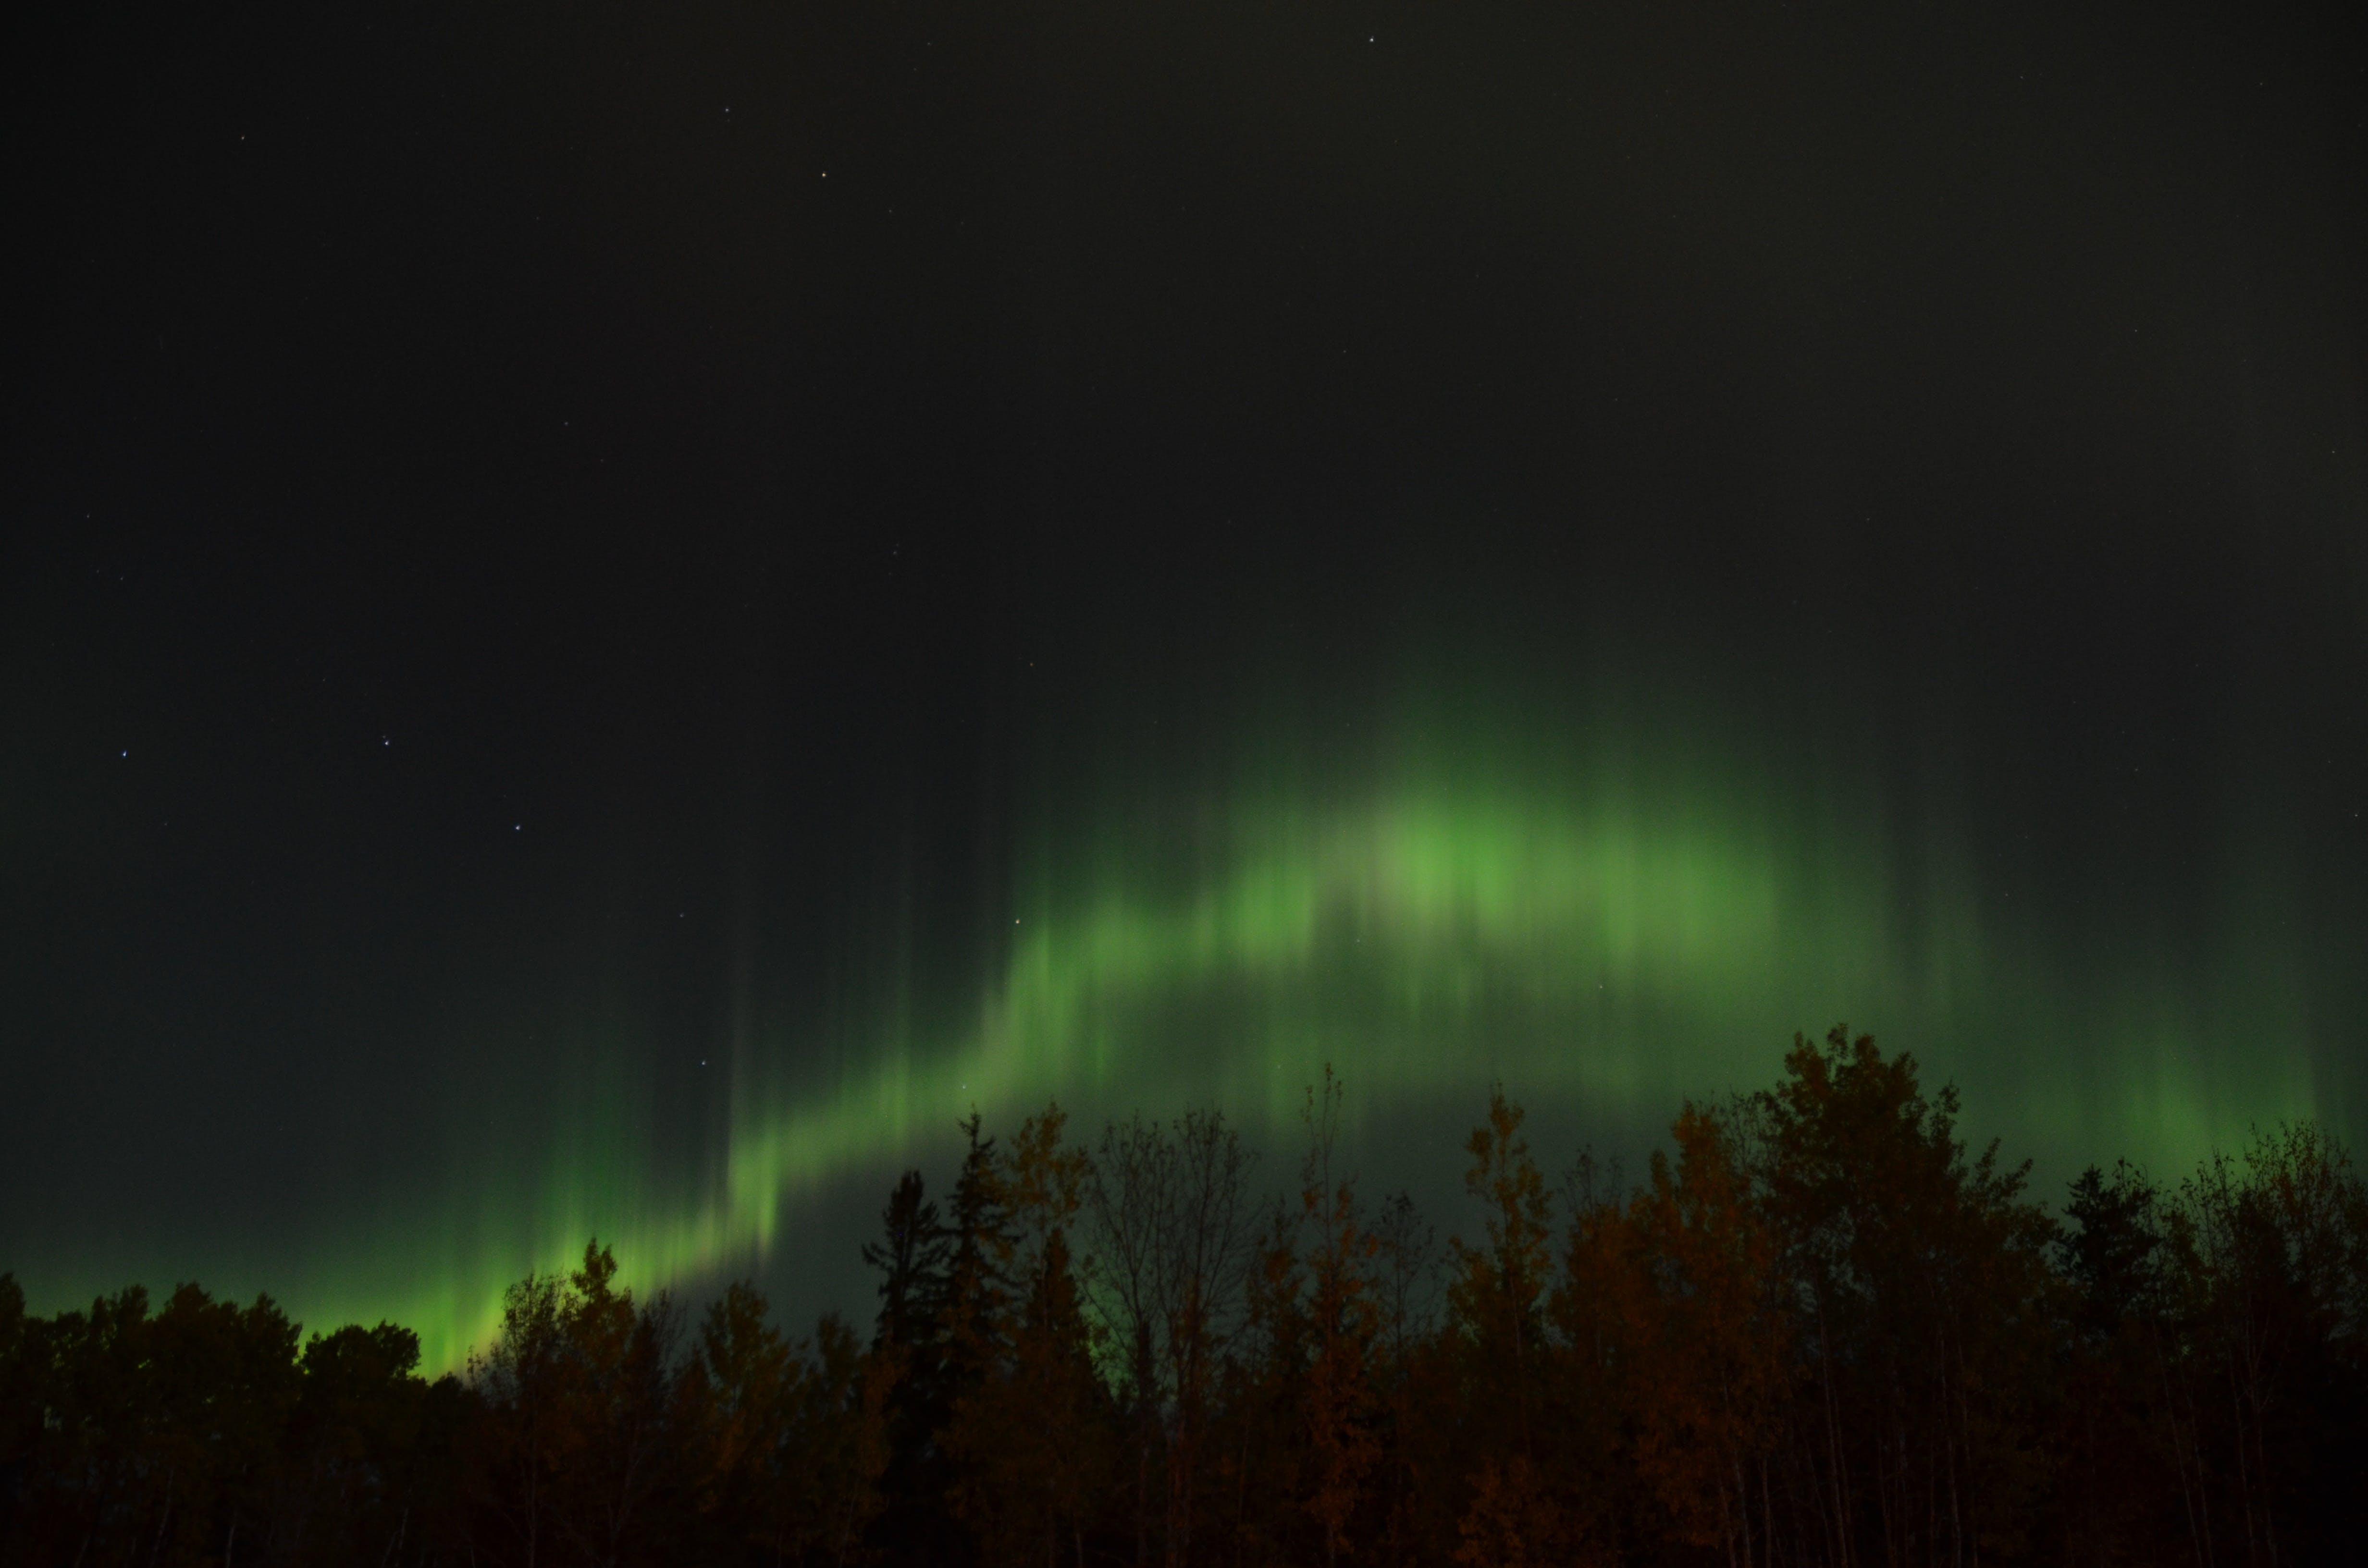 astronomie, atmosphäre, aufnahme von unten